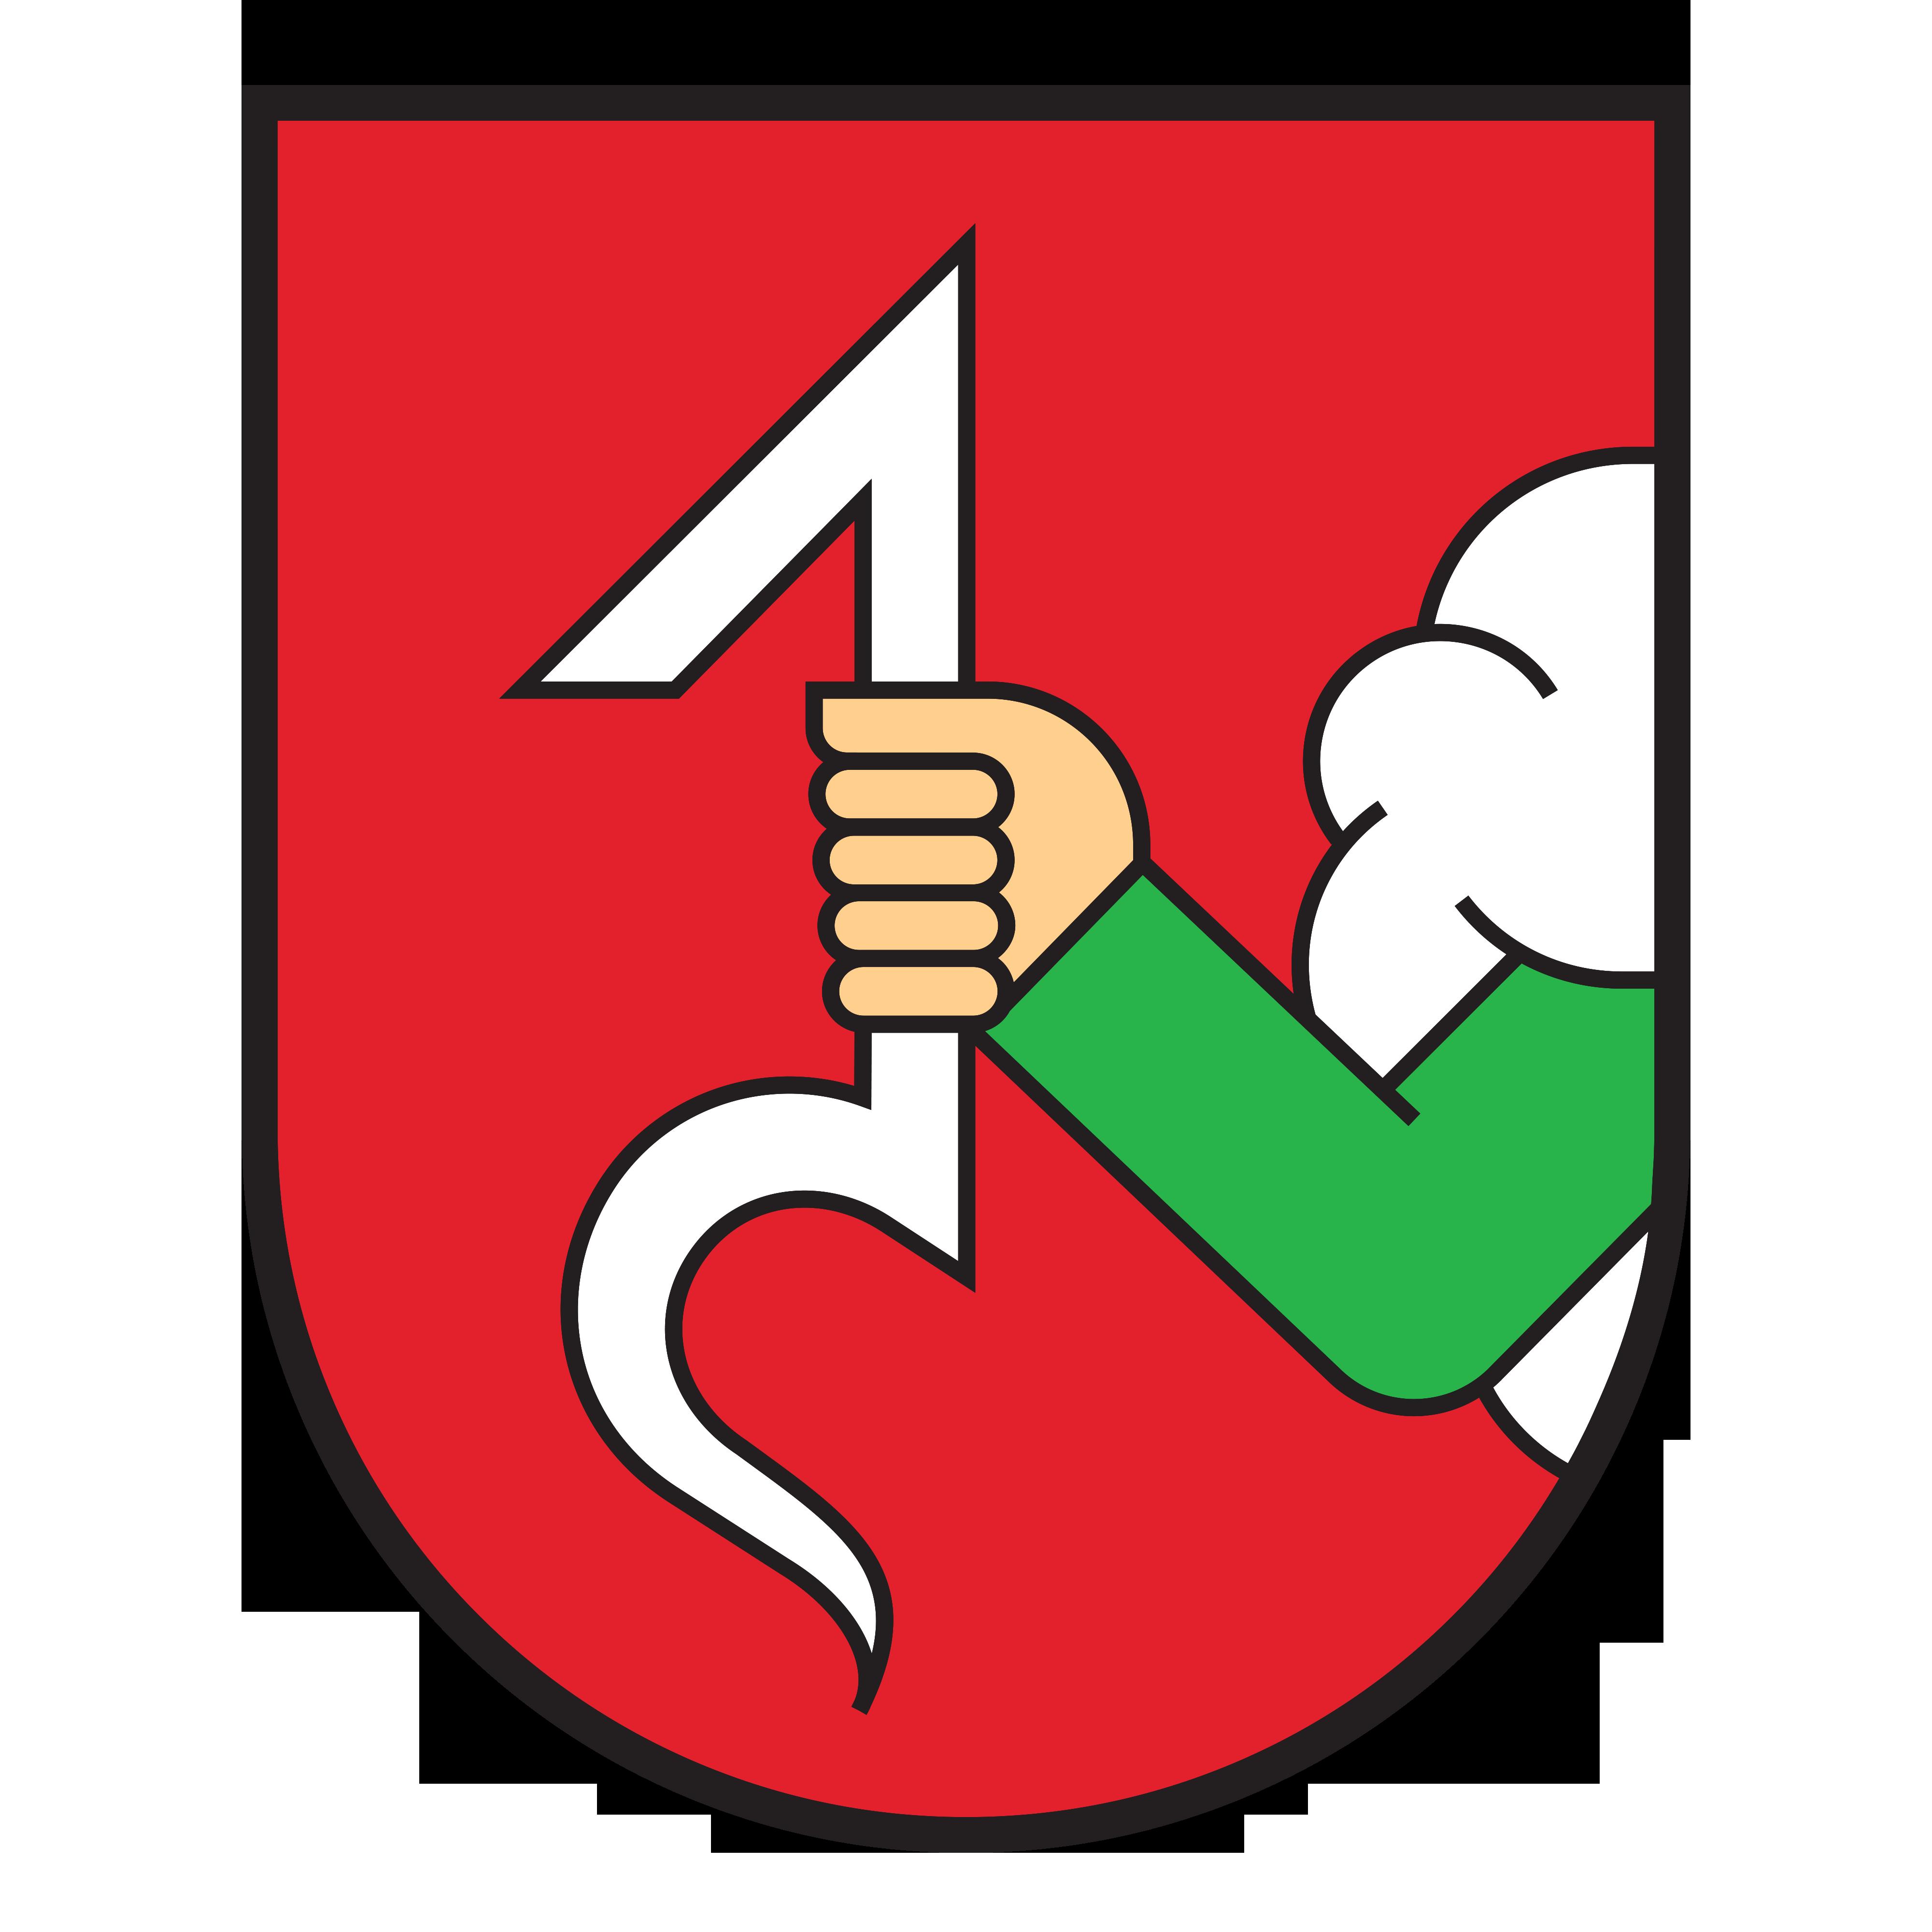 Znak Nového Jičína bez textu - JVS